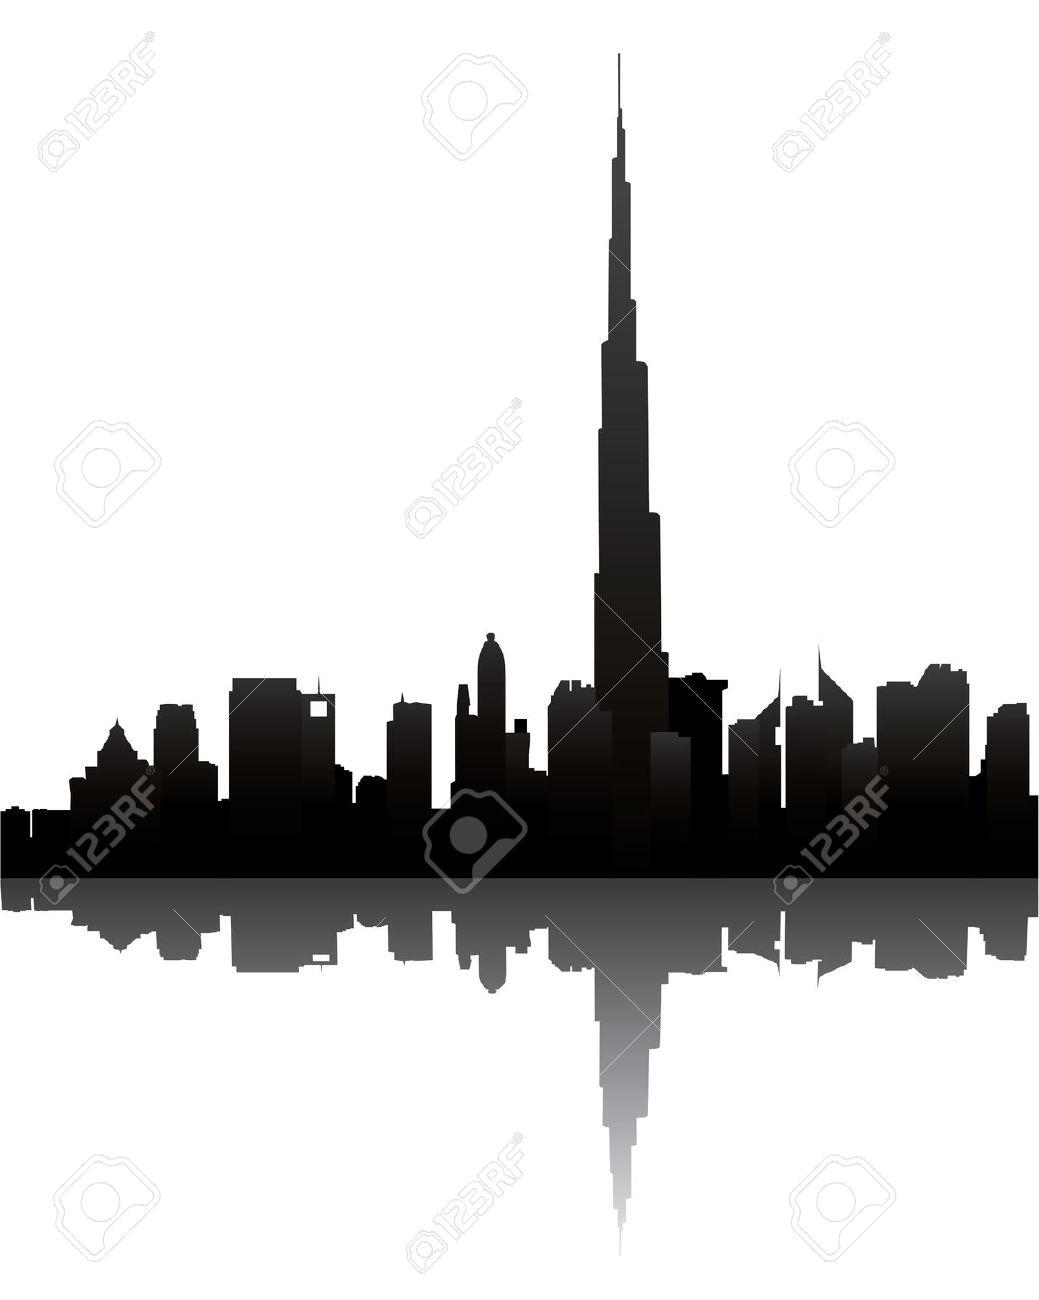 Dubai Skyline With Burj Dubai Royalty Free Cliparts, Vectors, And.